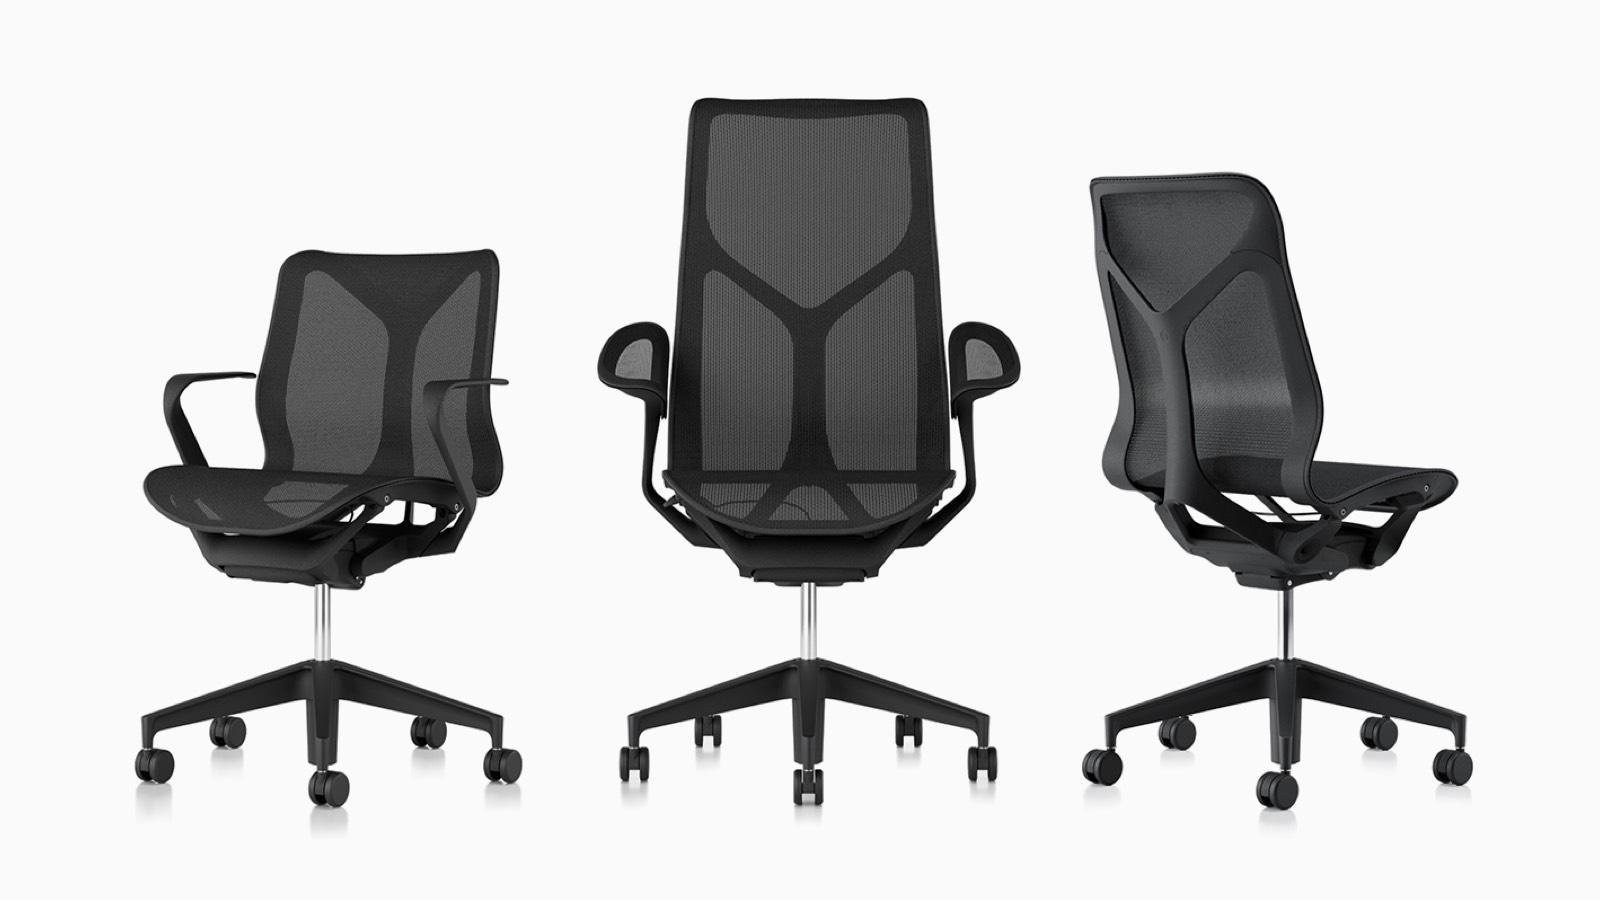 cf_prd_cosm_chairs_graphite.jpg